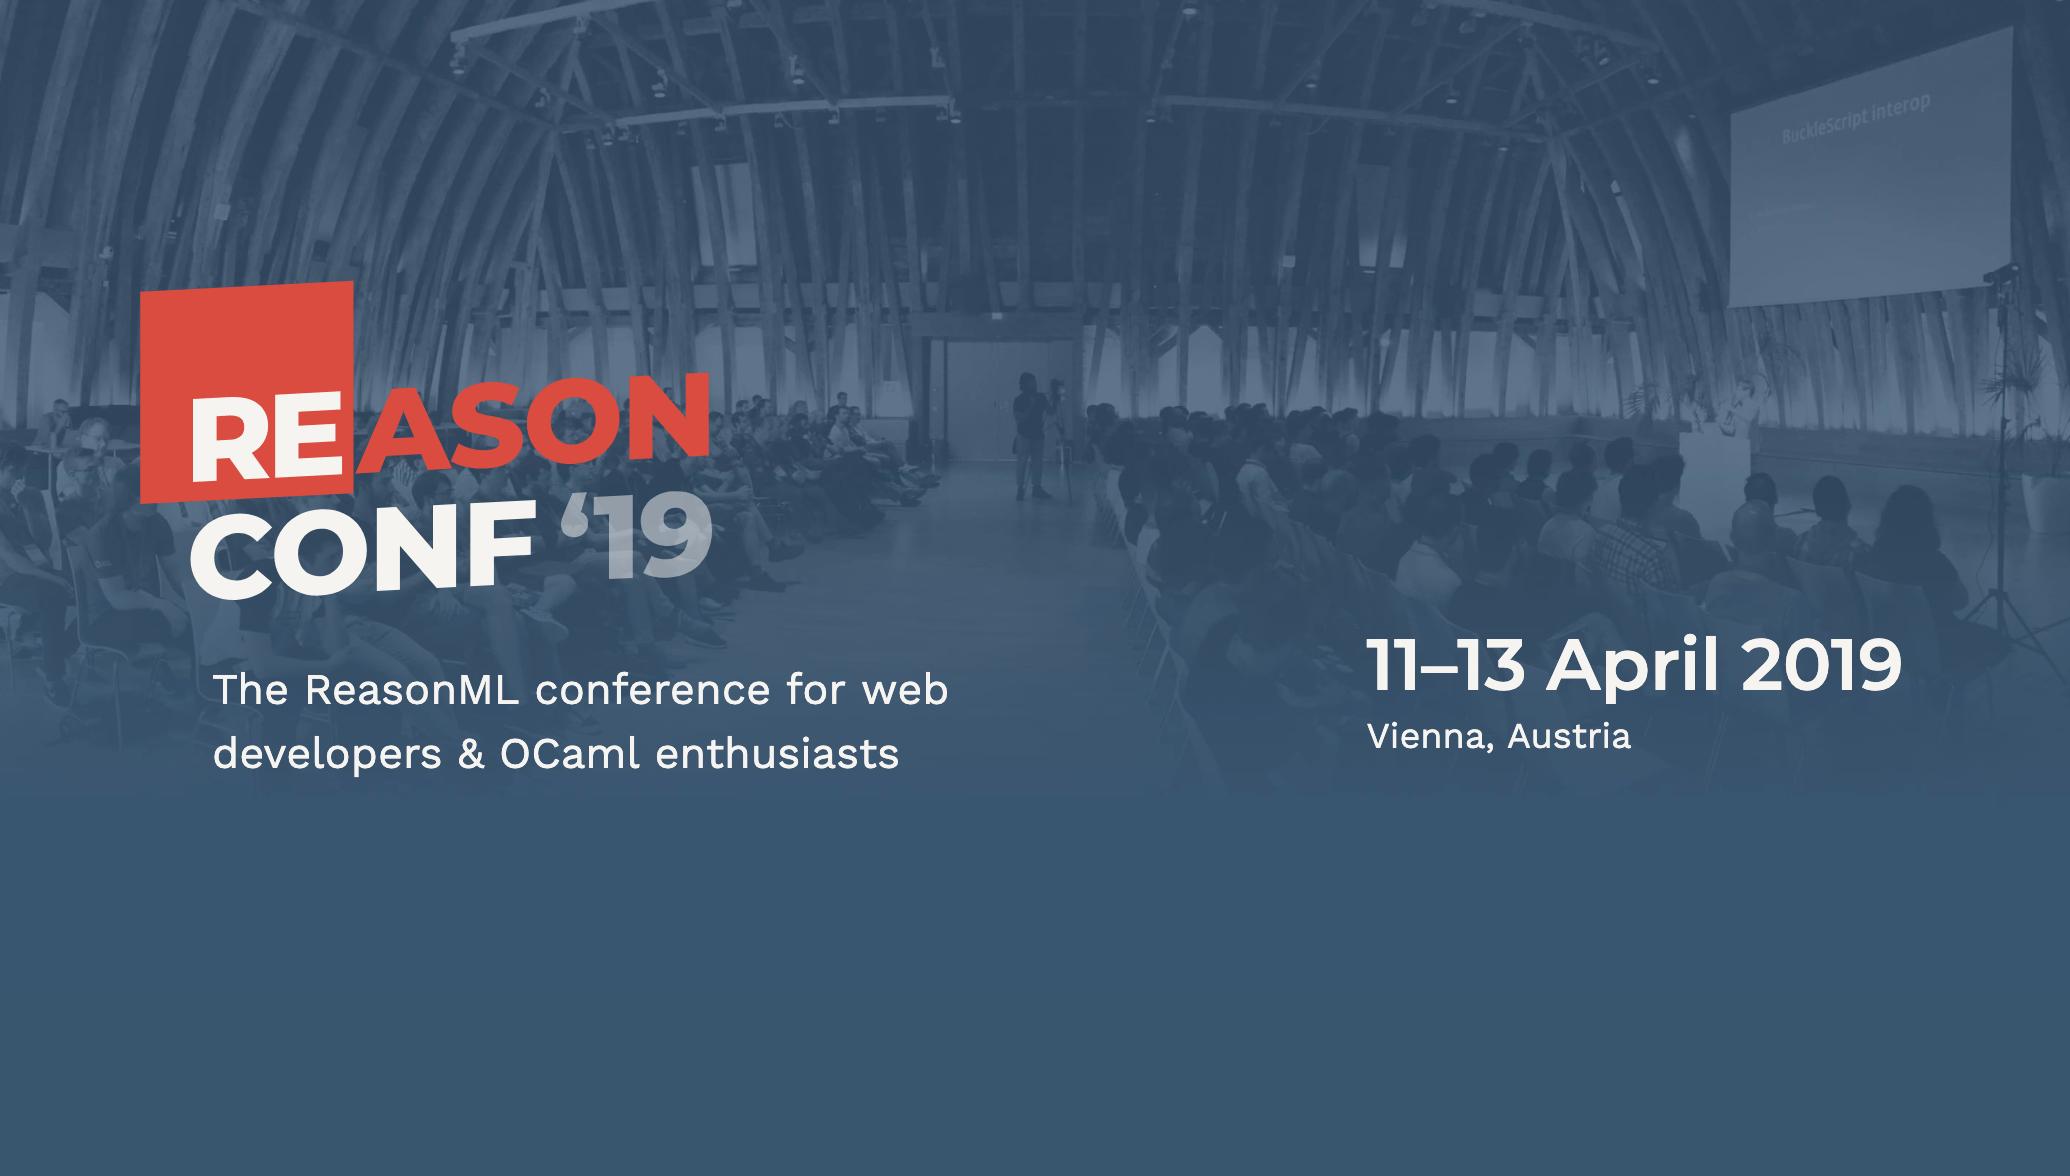 Reason Conf 2019